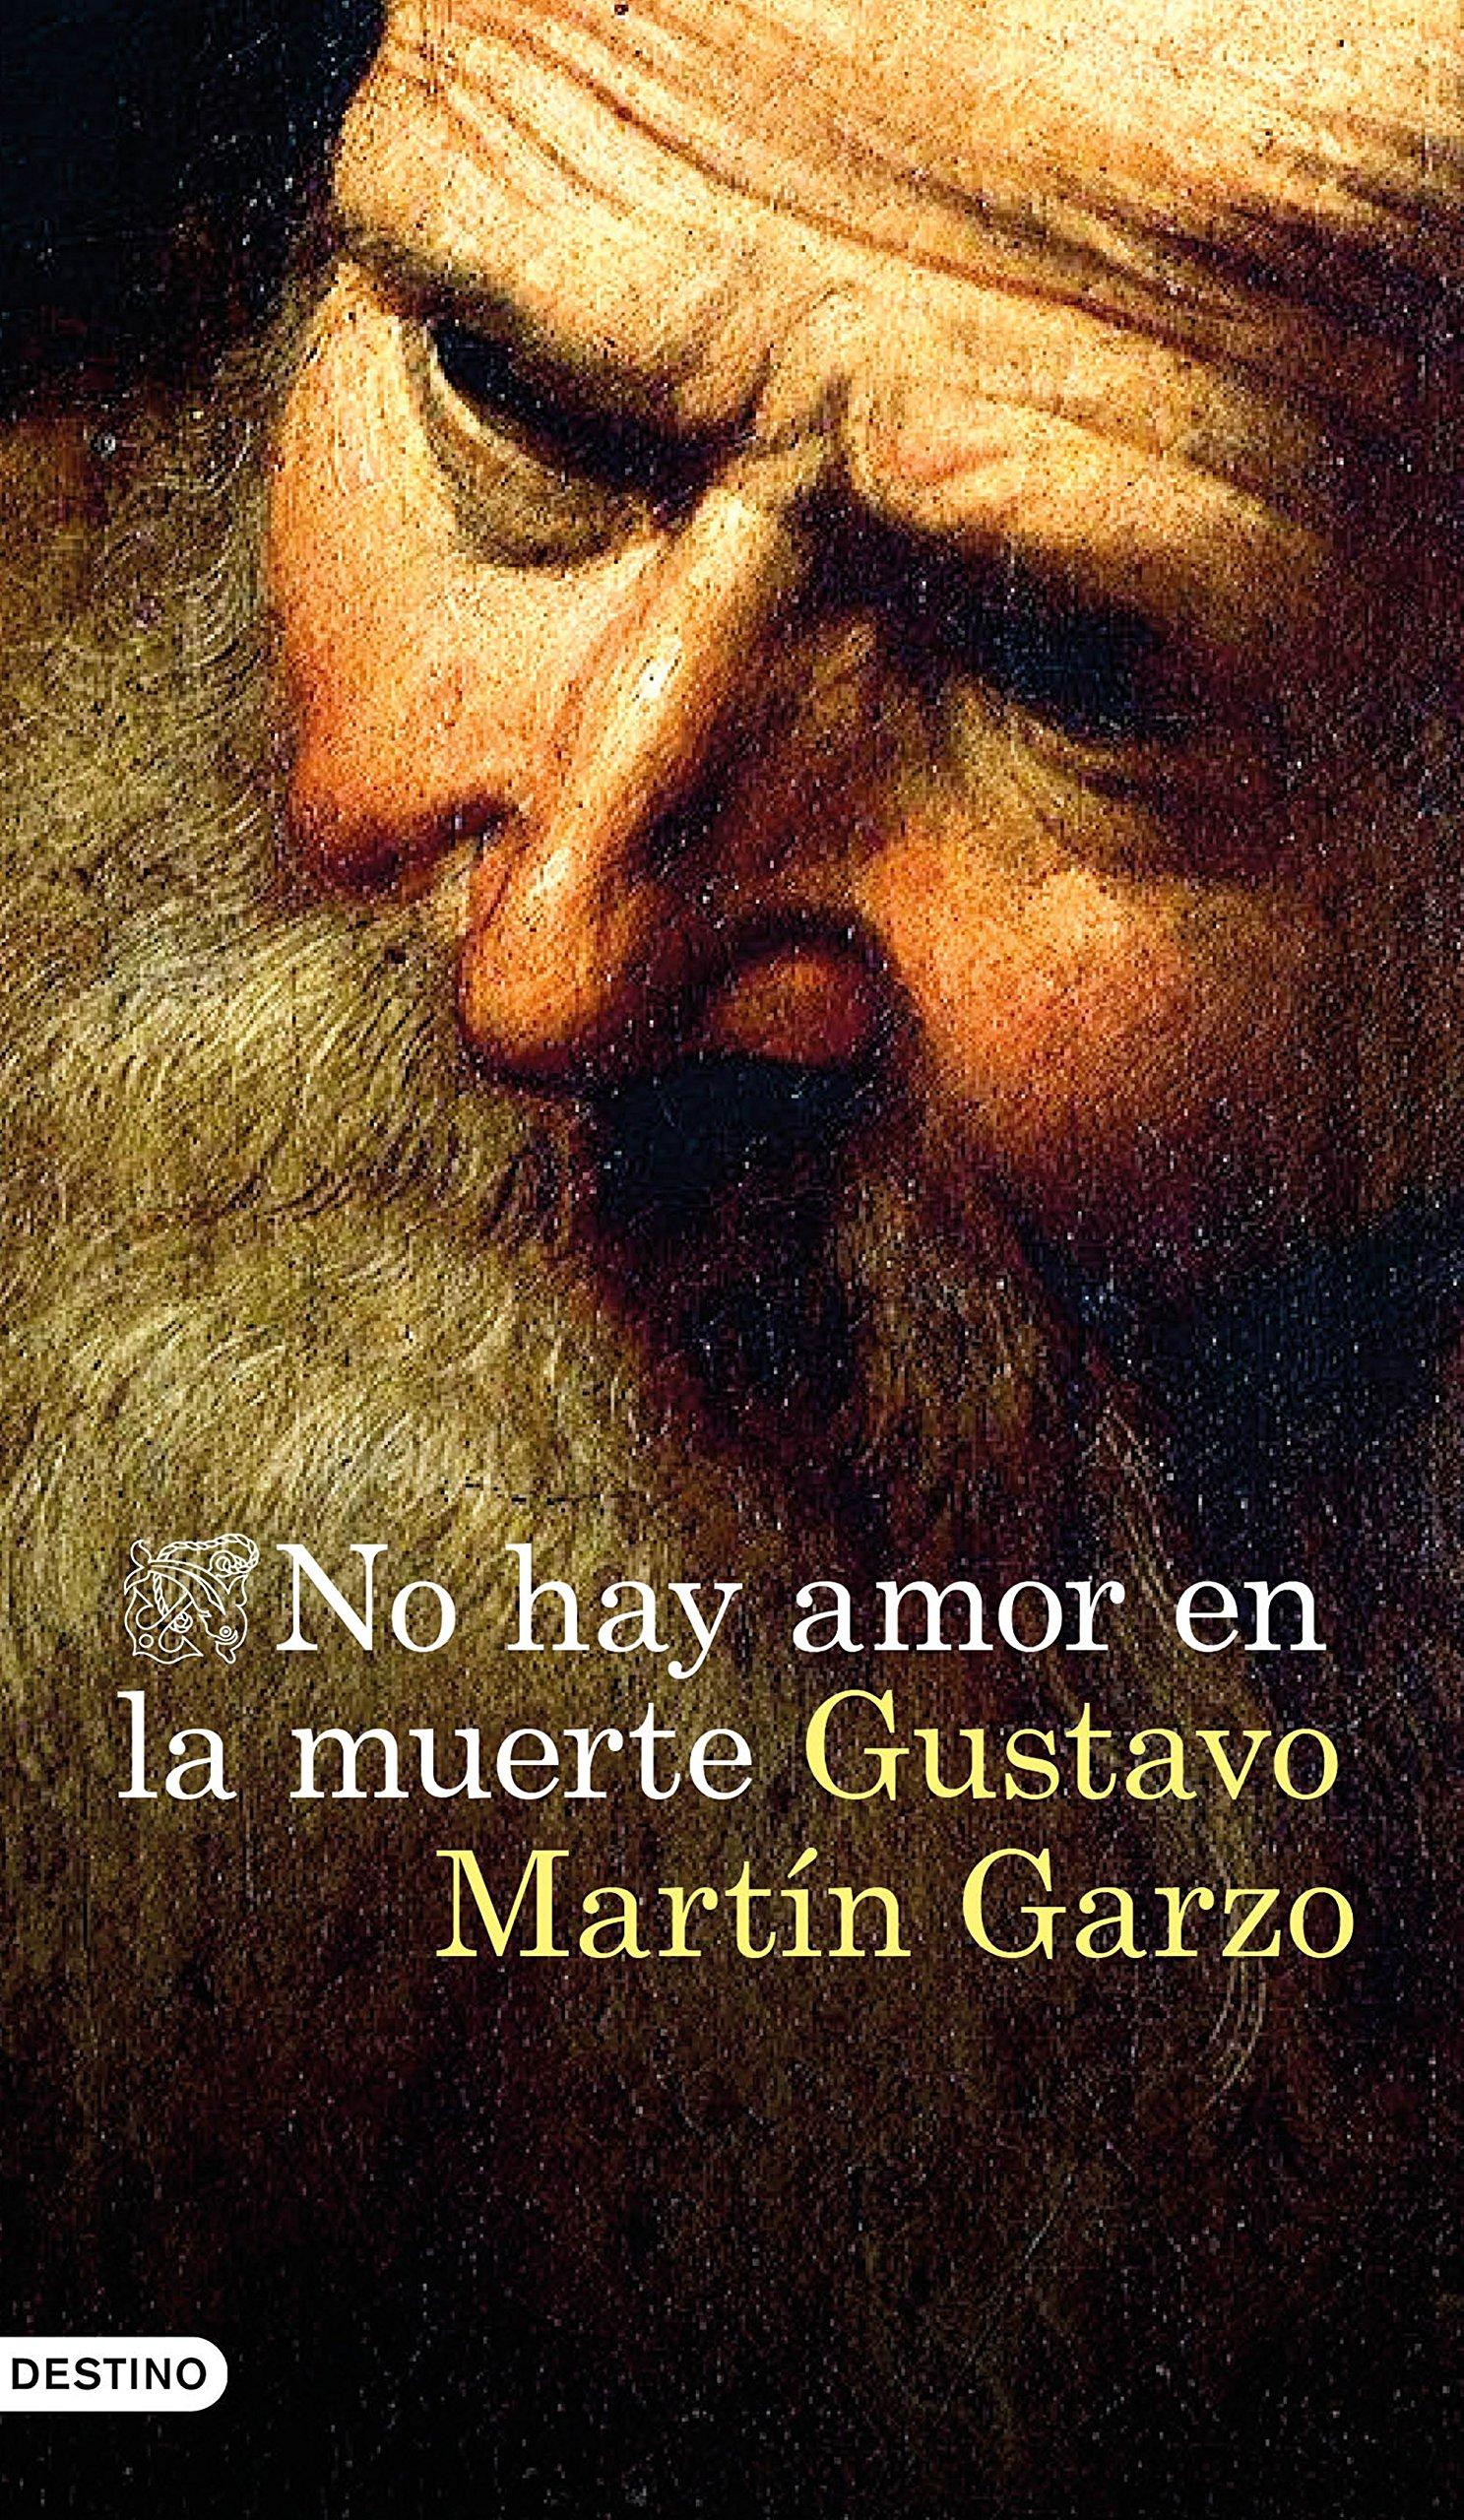 No hay amor en la muerte (Áncora & Delfin): Amazon.es: Gustavo Martín Garzo: Libros